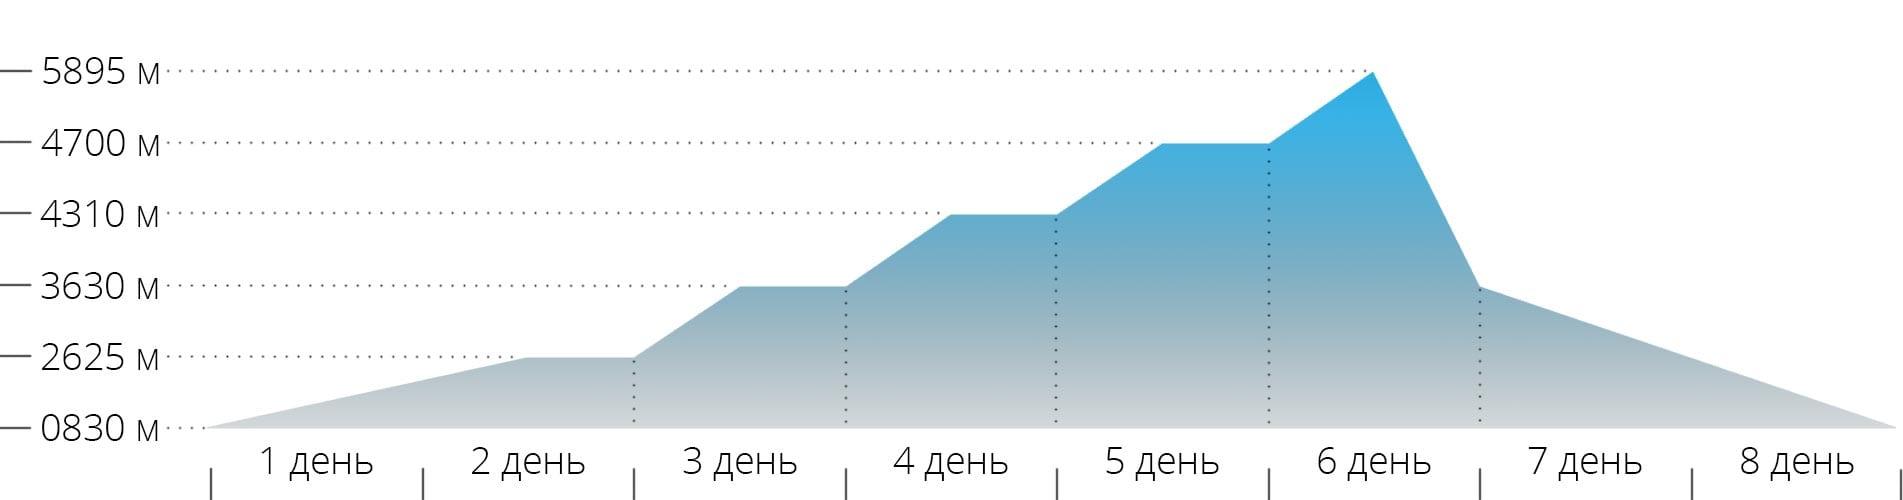 График с высотами для восхождения на гору Килиманджаро по маршруту Ронгаи